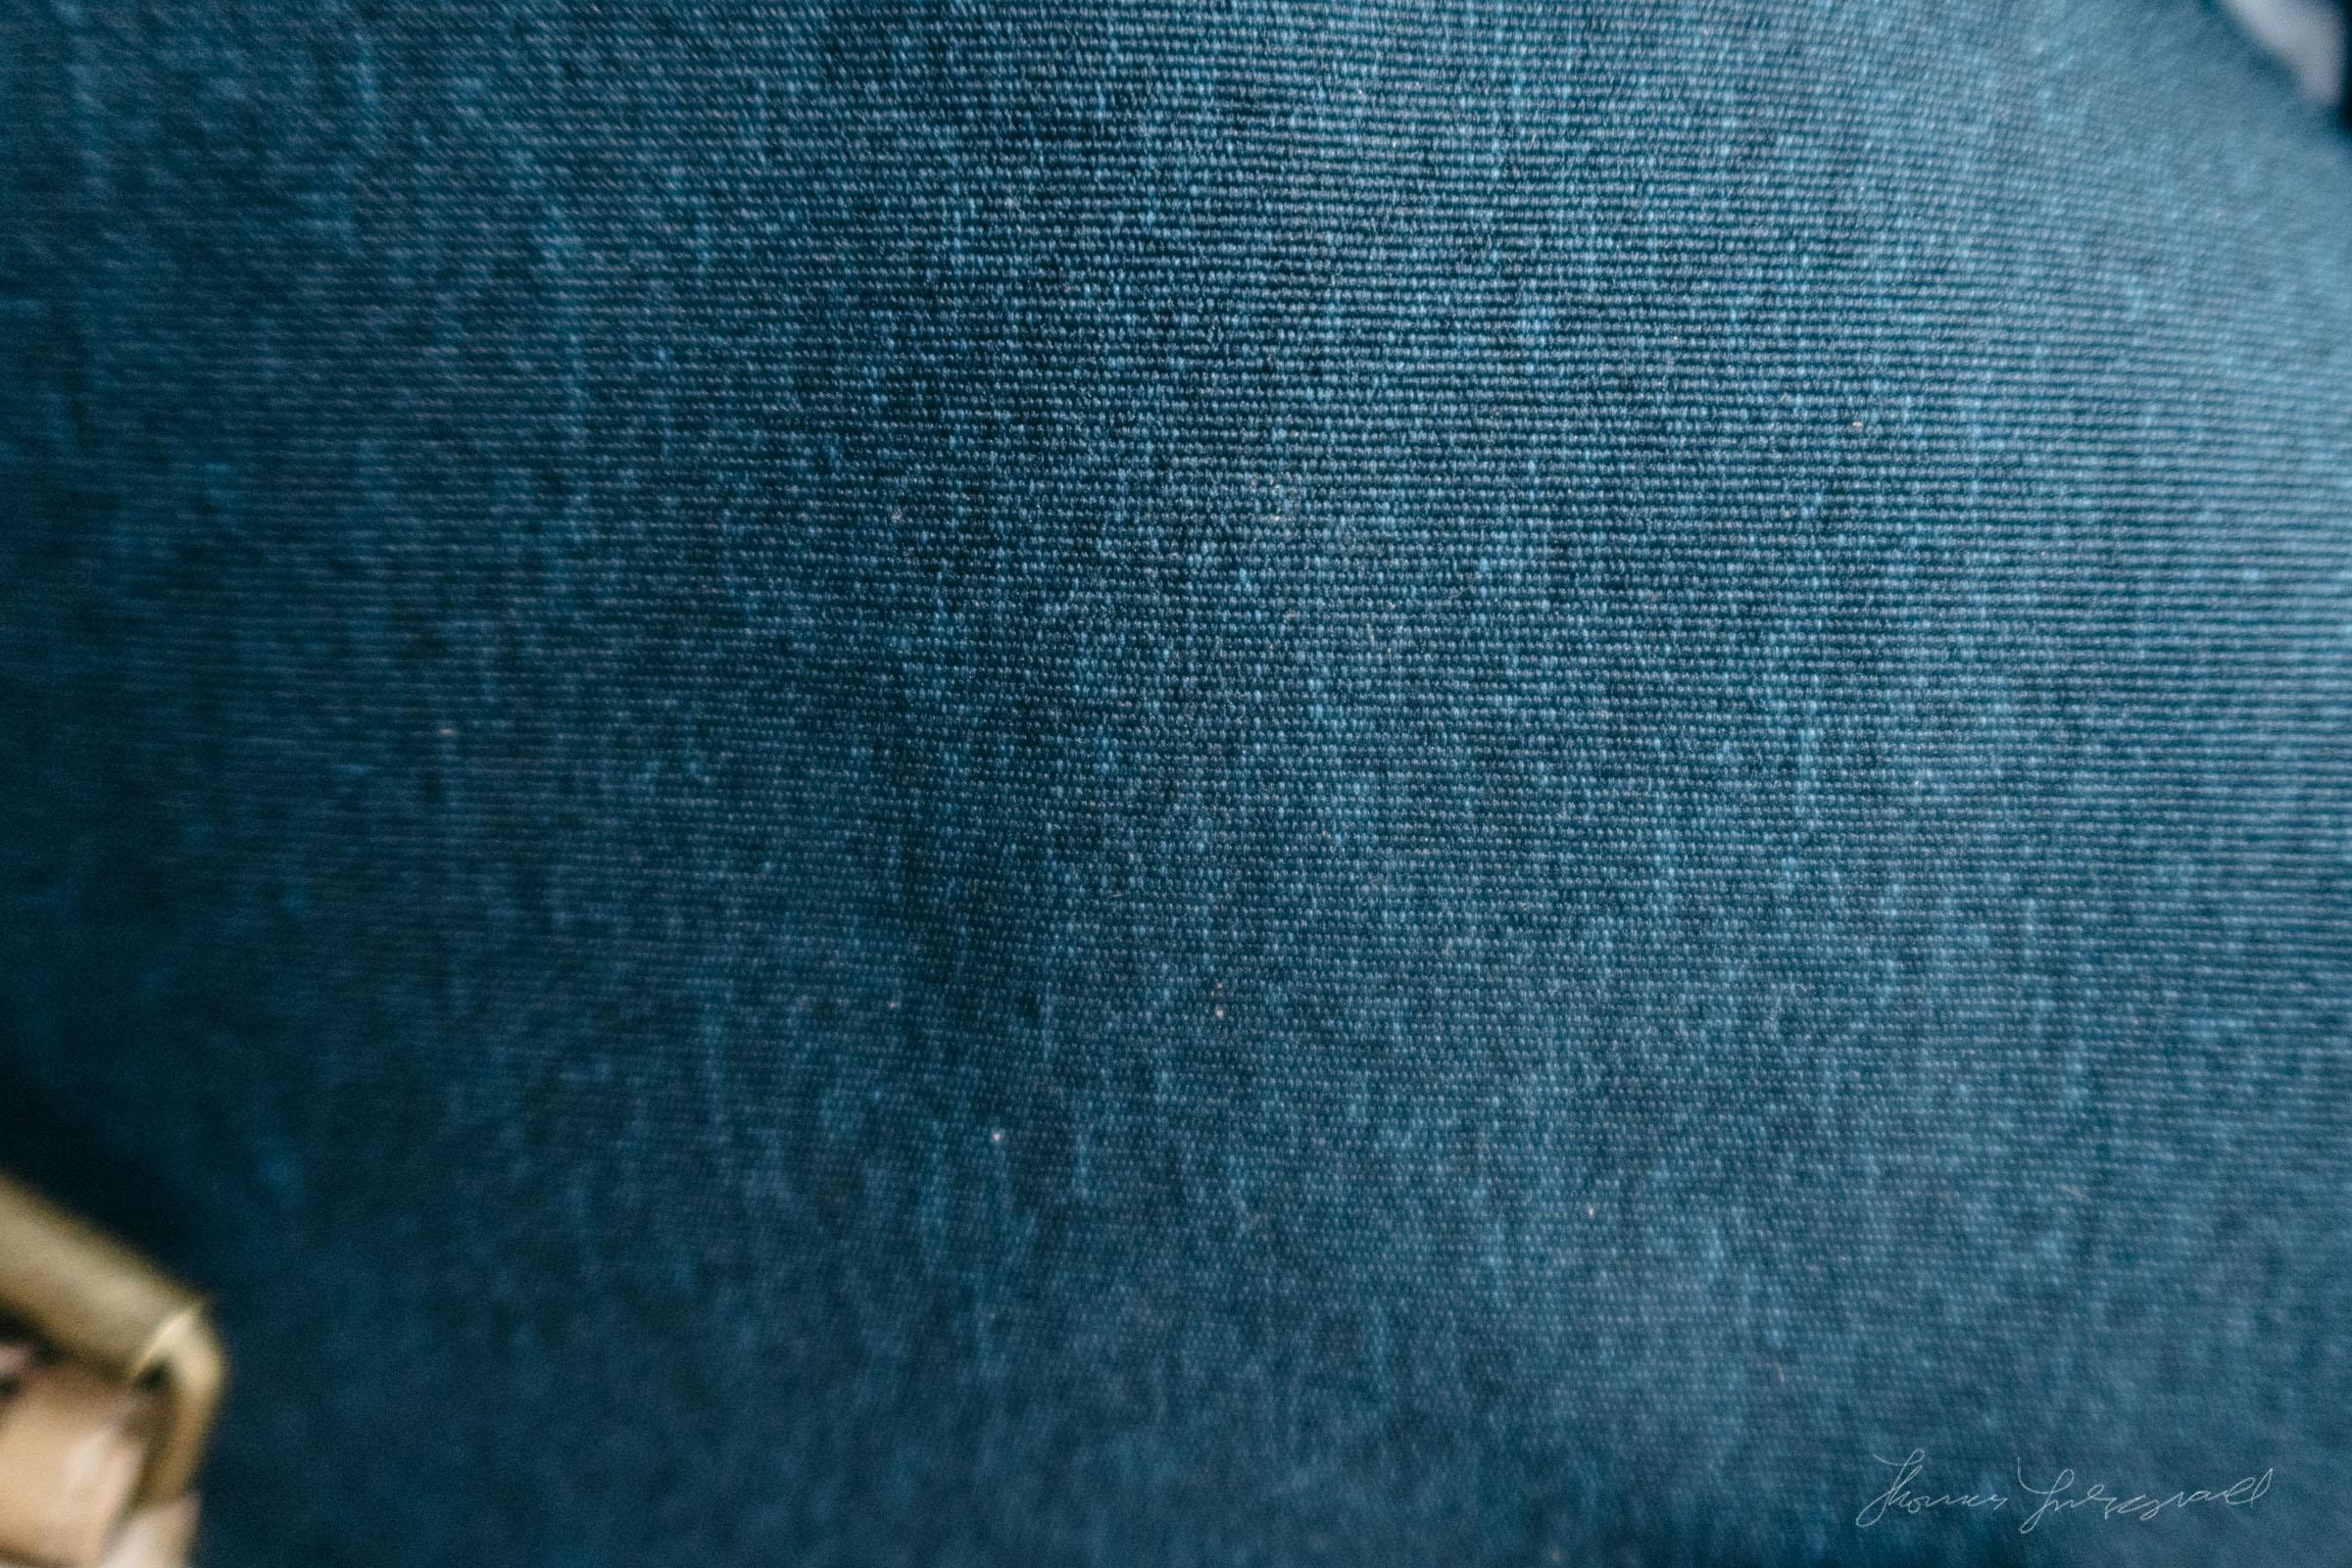 The bag's material in macro detail